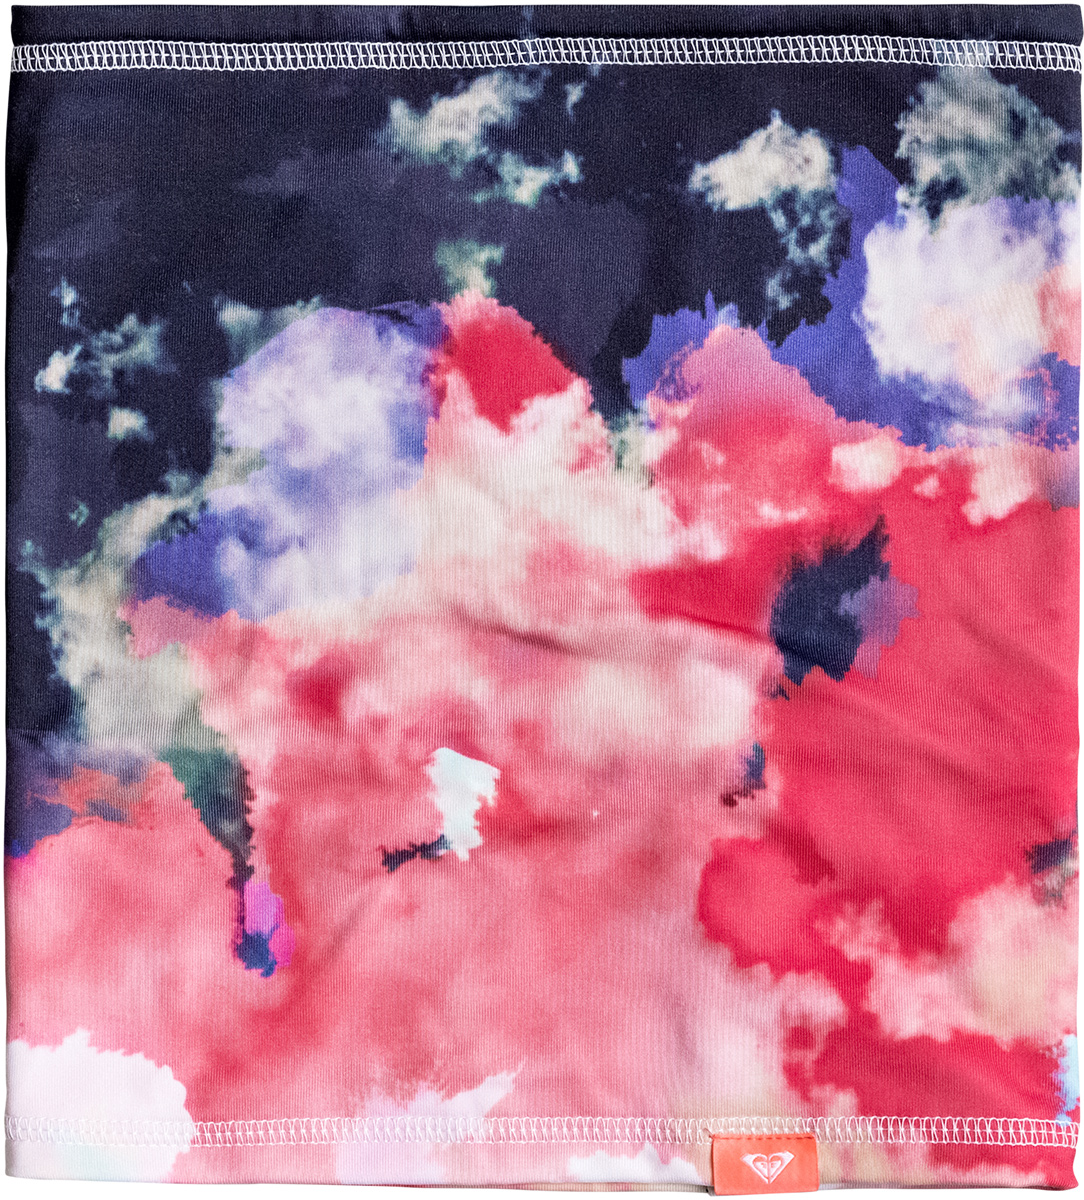 Снуд женский Roxy Lana, цвет: темно-синий, розовый. ERJAA03291-NKN6. Размер универсальныйERJAA03291-NKN6Удобный женский снуд Roxy Lana дополнит ваш образ и не позволит вам замерзнуть в холодное время года. Снуд выполнен из эластичной синтетики с подкладкой из косметотекстиля Enjoy & Care, что позволяет ему сохранять тепло и обеспечивает высокую эластичность и удобство посадки.